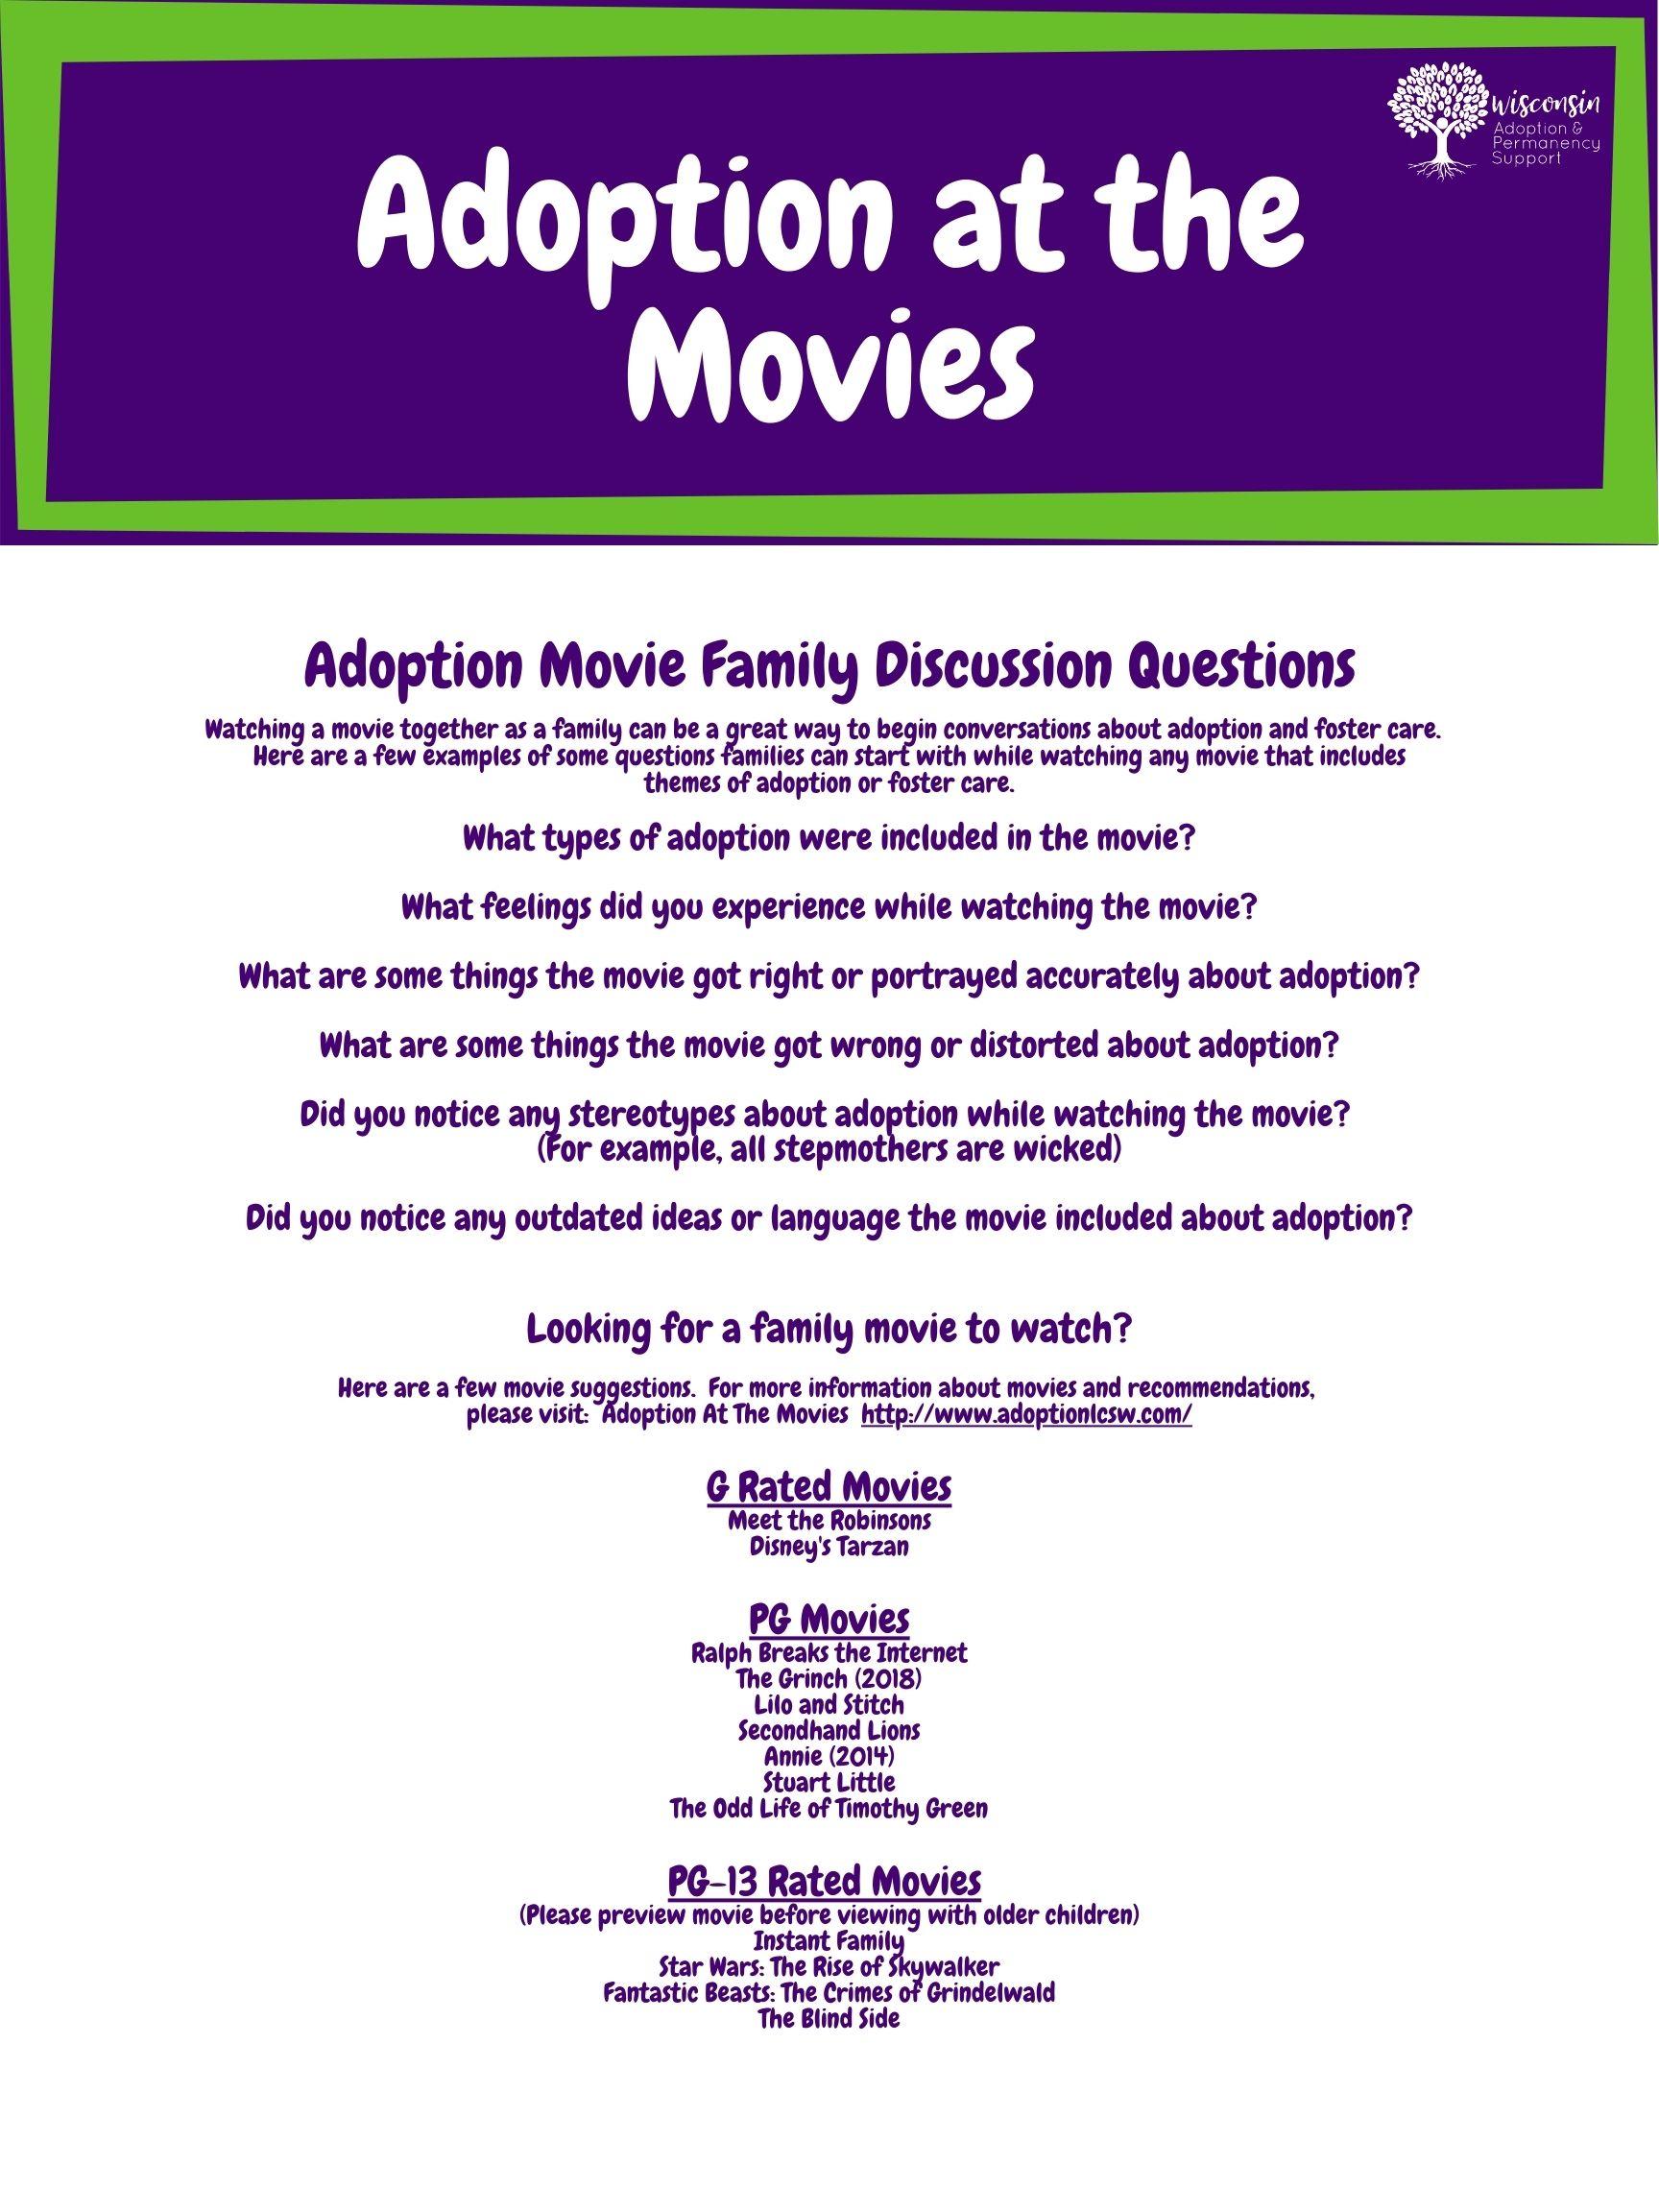 Adoption at the Movies